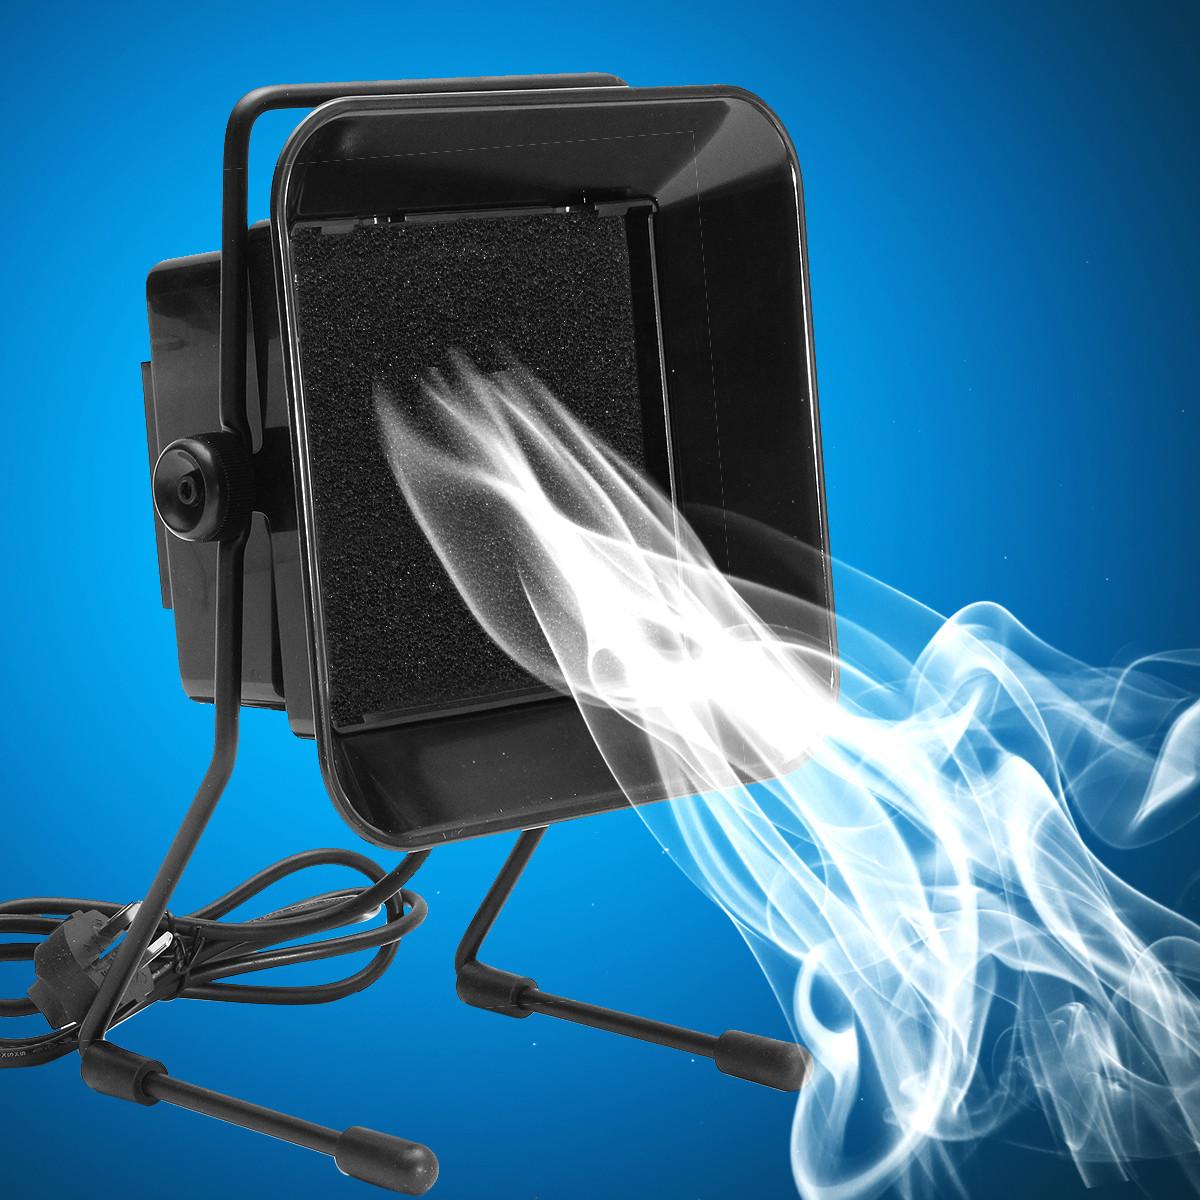 220v fer souder absorbeur fum e aspirateur fum e filtre charbon eponge achat vente fer. Black Bedroom Furniture Sets. Home Design Ideas